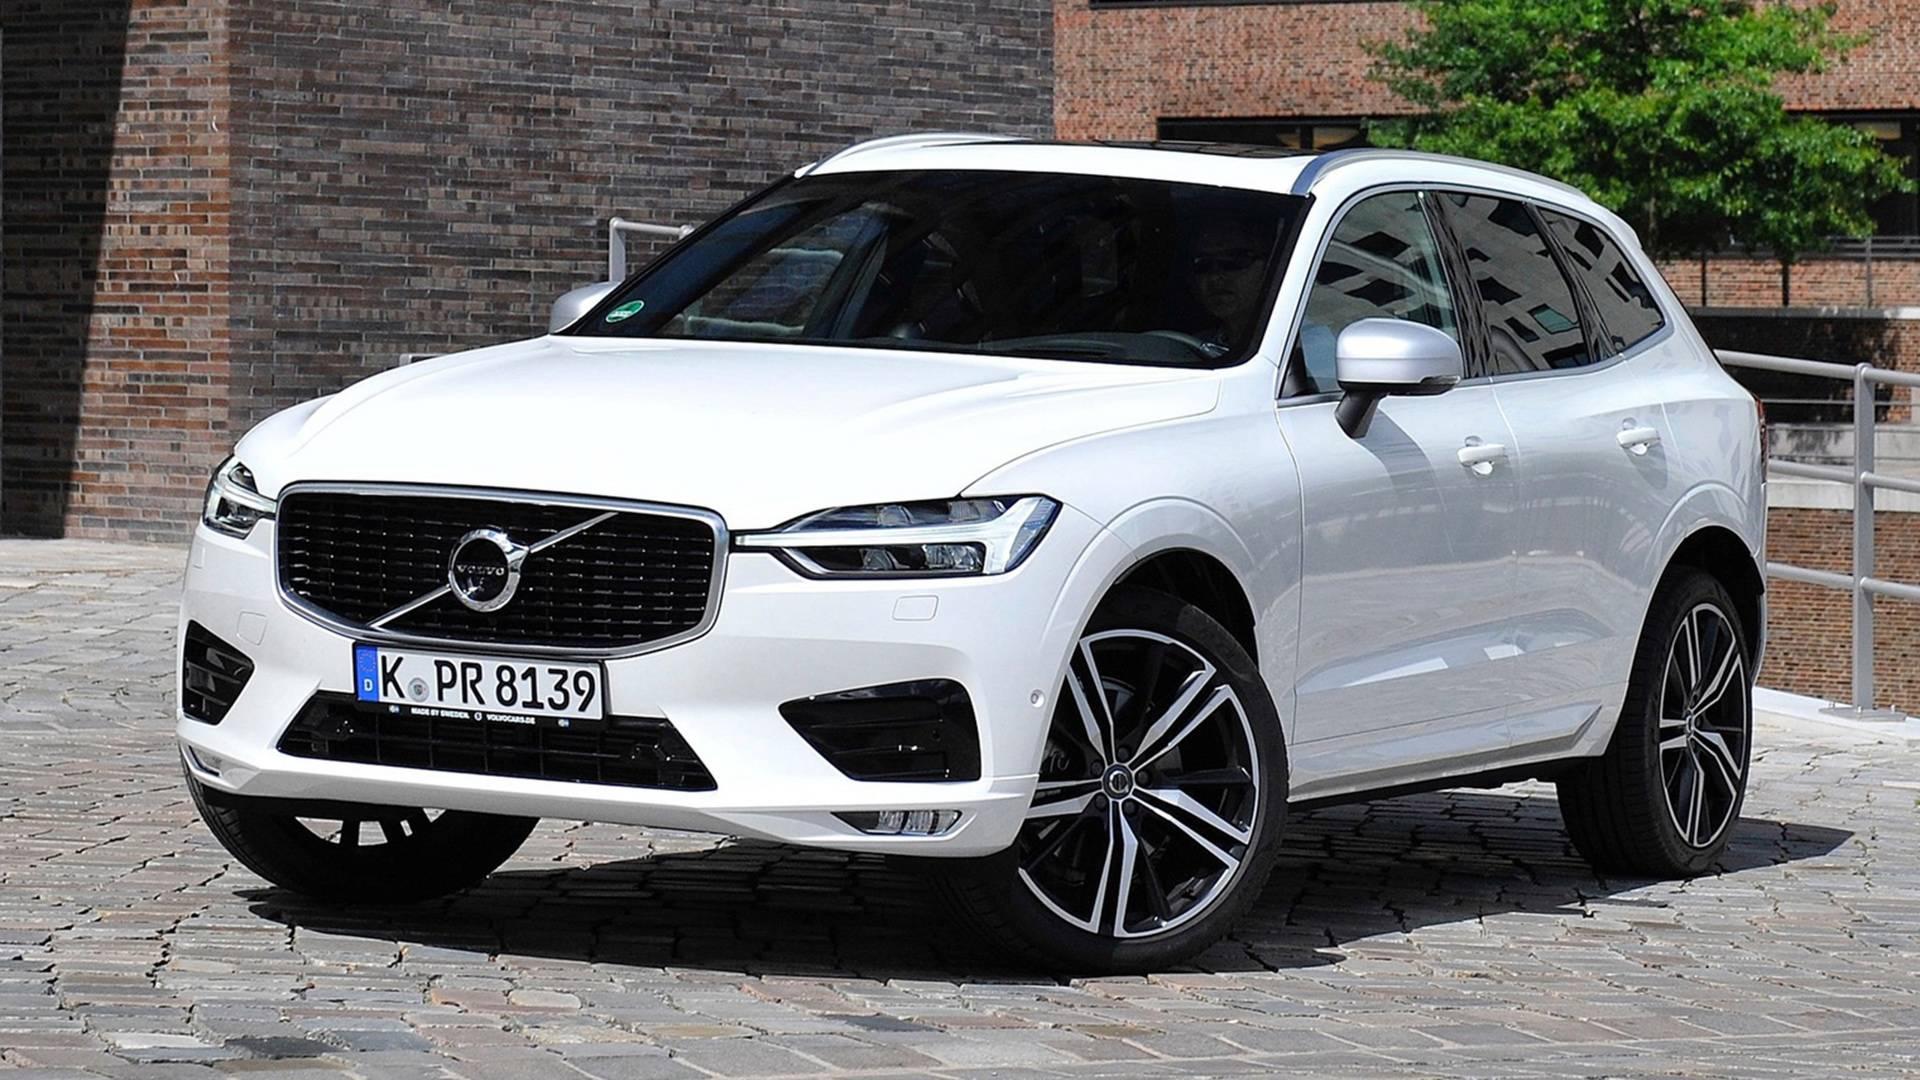 Yeni nesil Volvo XC60'ın tamamen elektrikli olarak gelecek